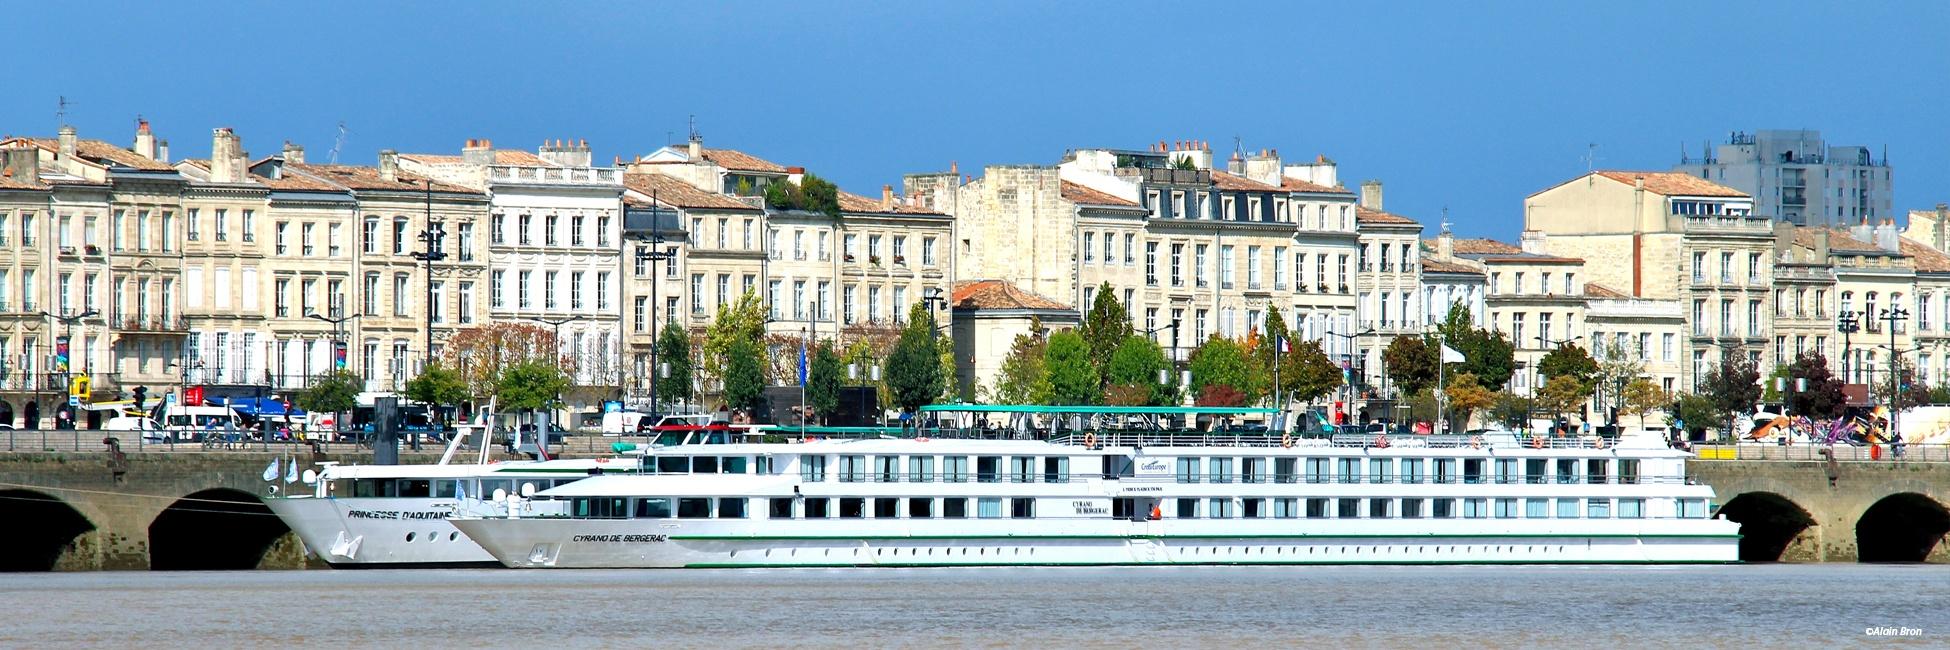 MS Cyrano de Bergerac à quai